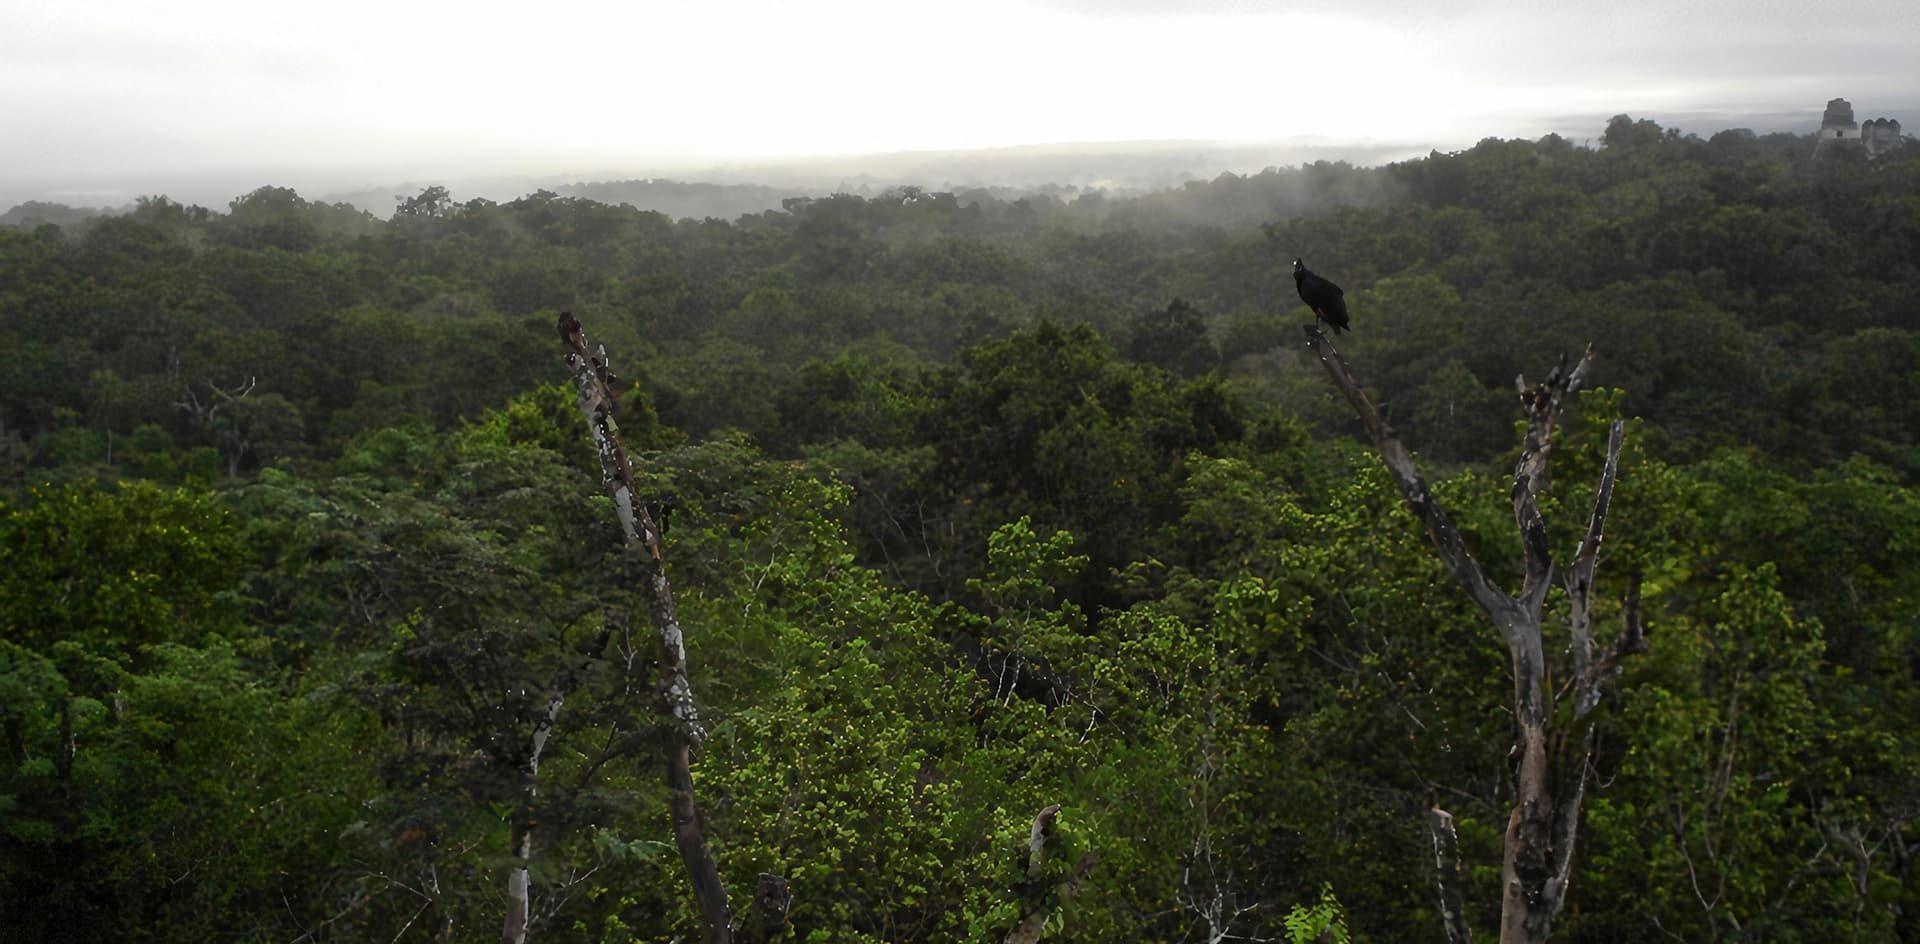 Reclaman una perspectiva pluralista en la concepción de la biodiversidad para avanzar en su conservación